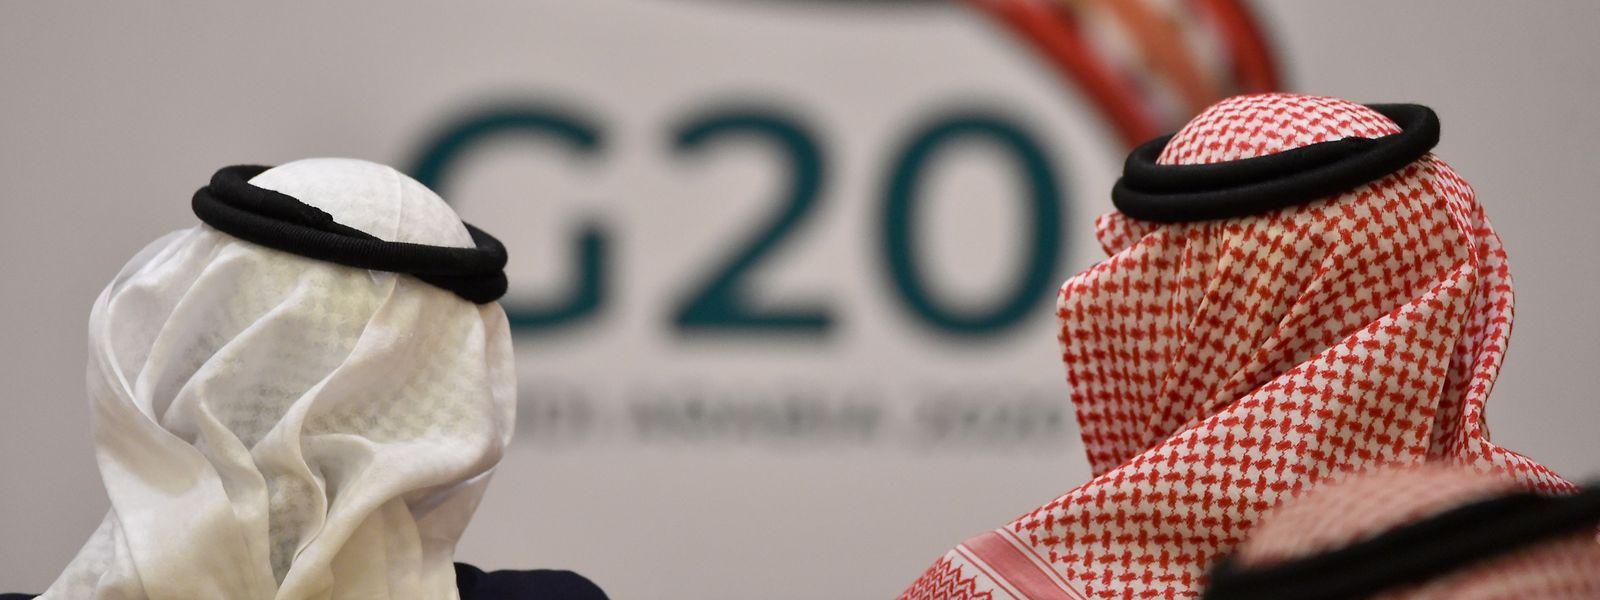 Die führenden Industrie- und Schwellenländer (G20) konnten sich in Saudi-Arabien nicht zu einer Steuerreform einigen.